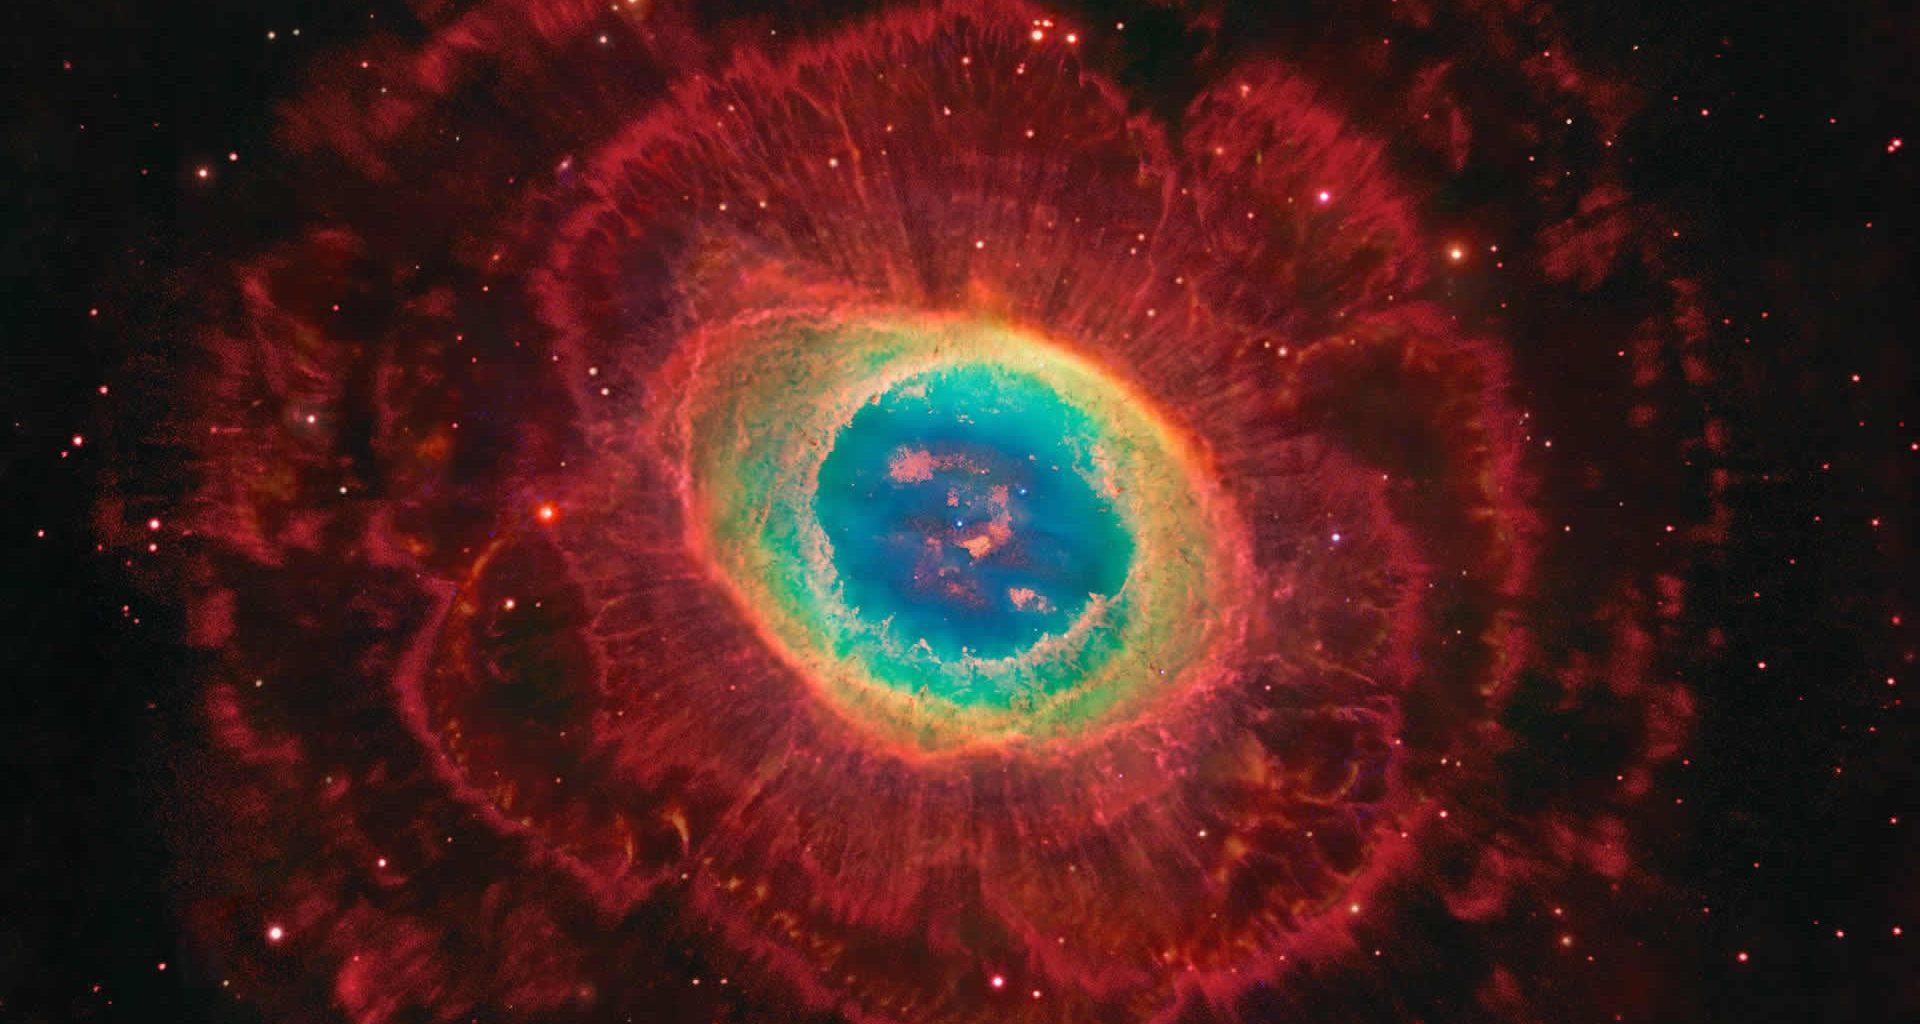 Hallan rastros de una supernova en las profundidades marinas de la Tierra